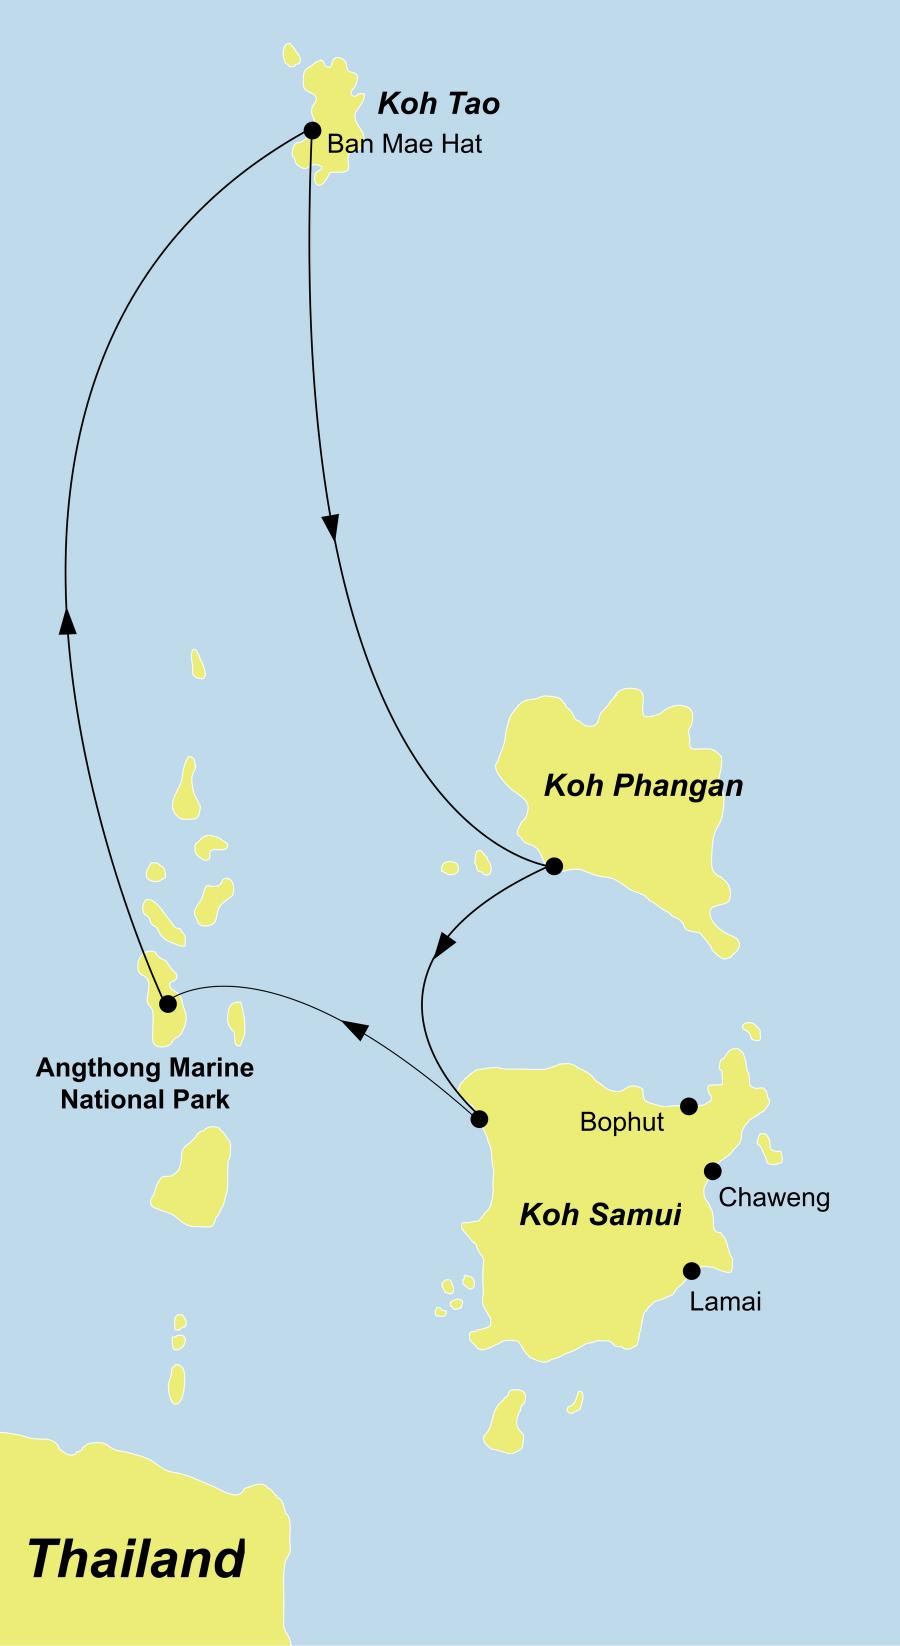 Die Thailand Rundreise führt von Koh Samui durch den Angthong Nationalpark über Koh Tao und Koh Phangan wieder zurück nach Koh Samui.